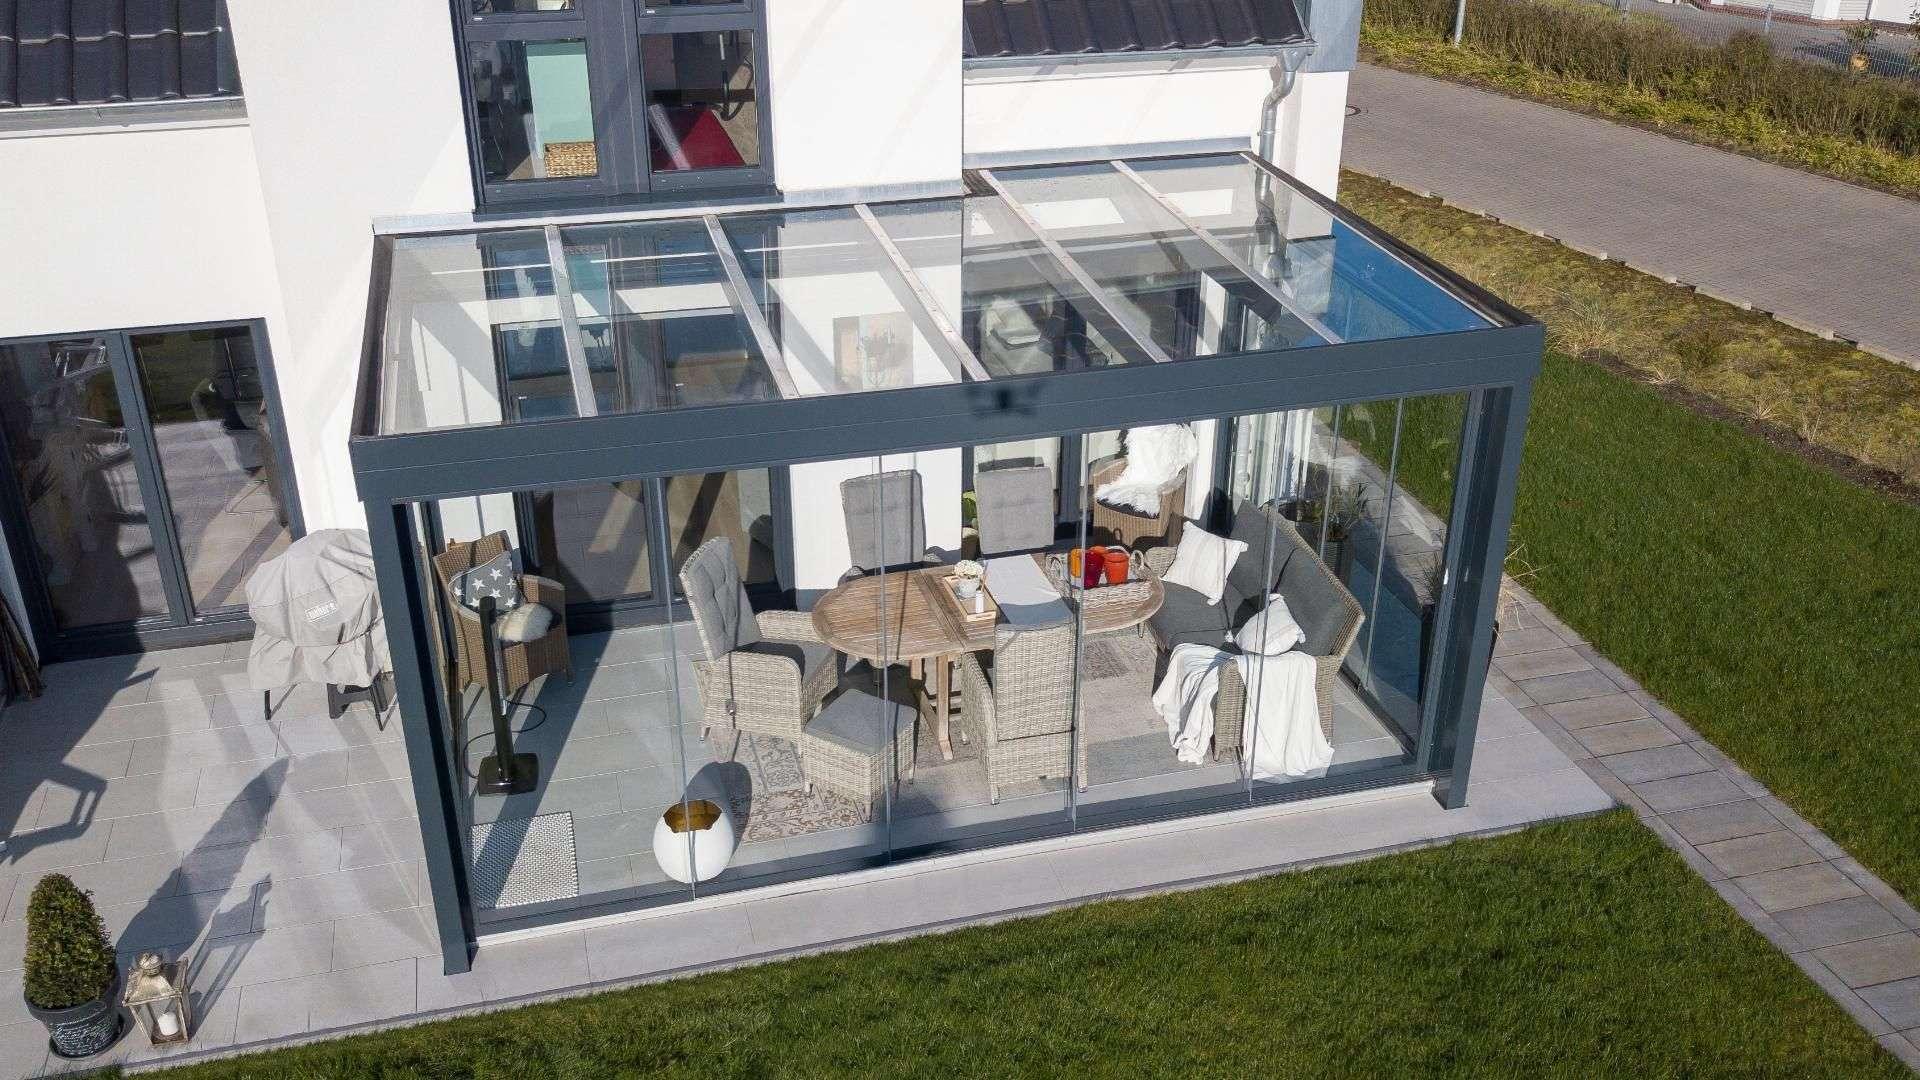 Glashaus an einem weißen Wohnhaus